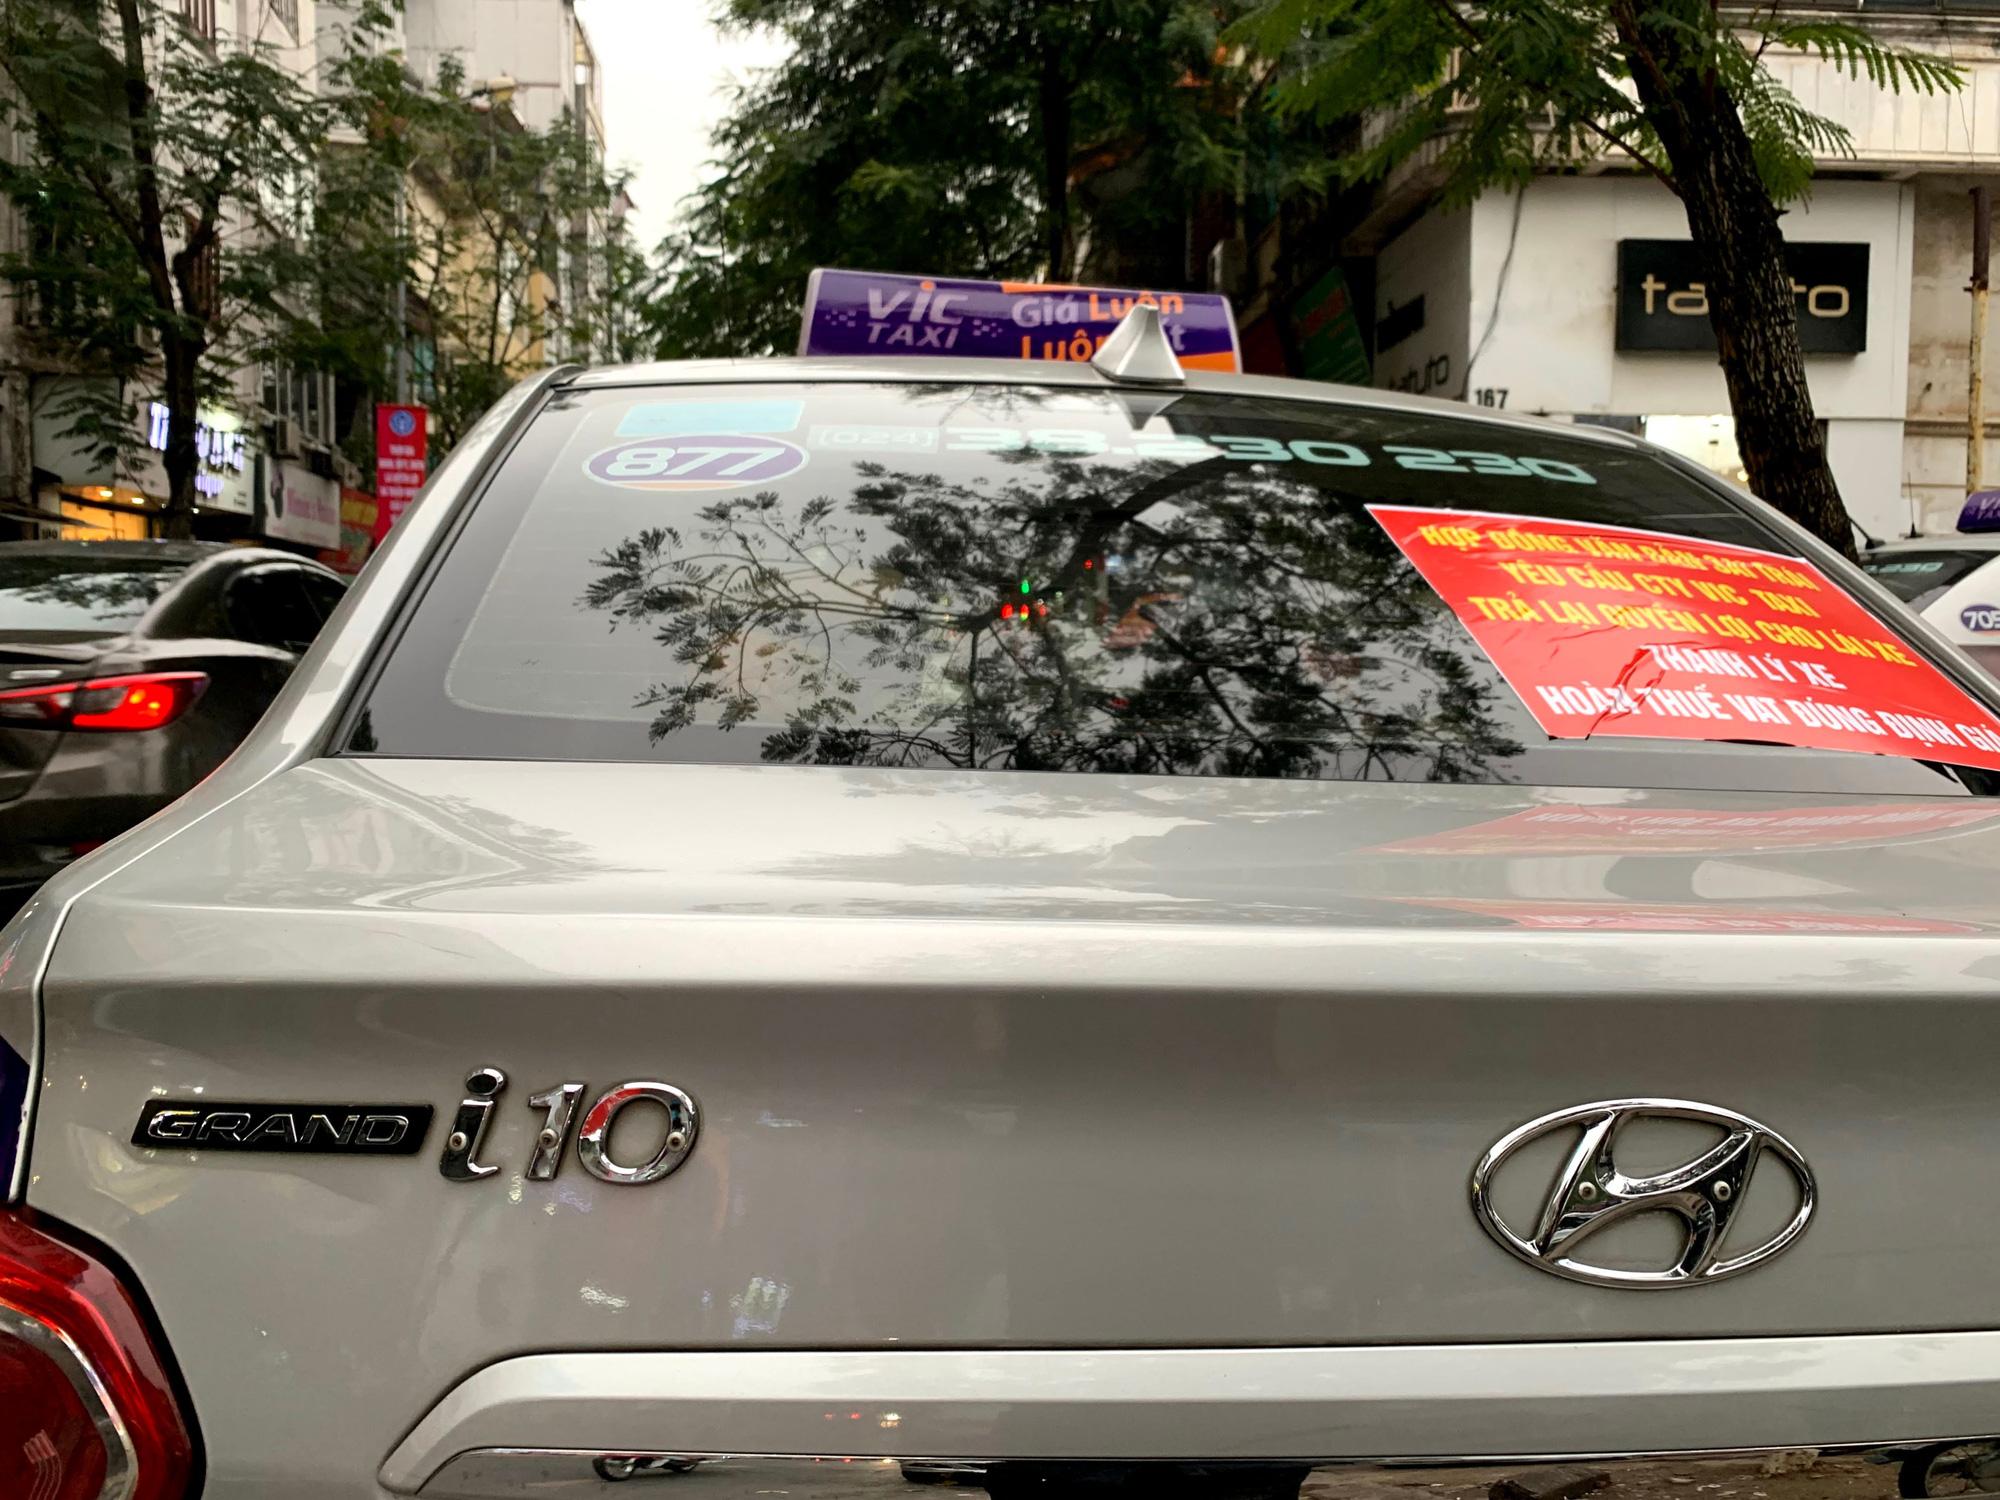 Hàng trăm tài xế Taxi Vic vây ráp trụ sở chính tại Hà Nội, căng biển 'đòi xe' - Ảnh 3.